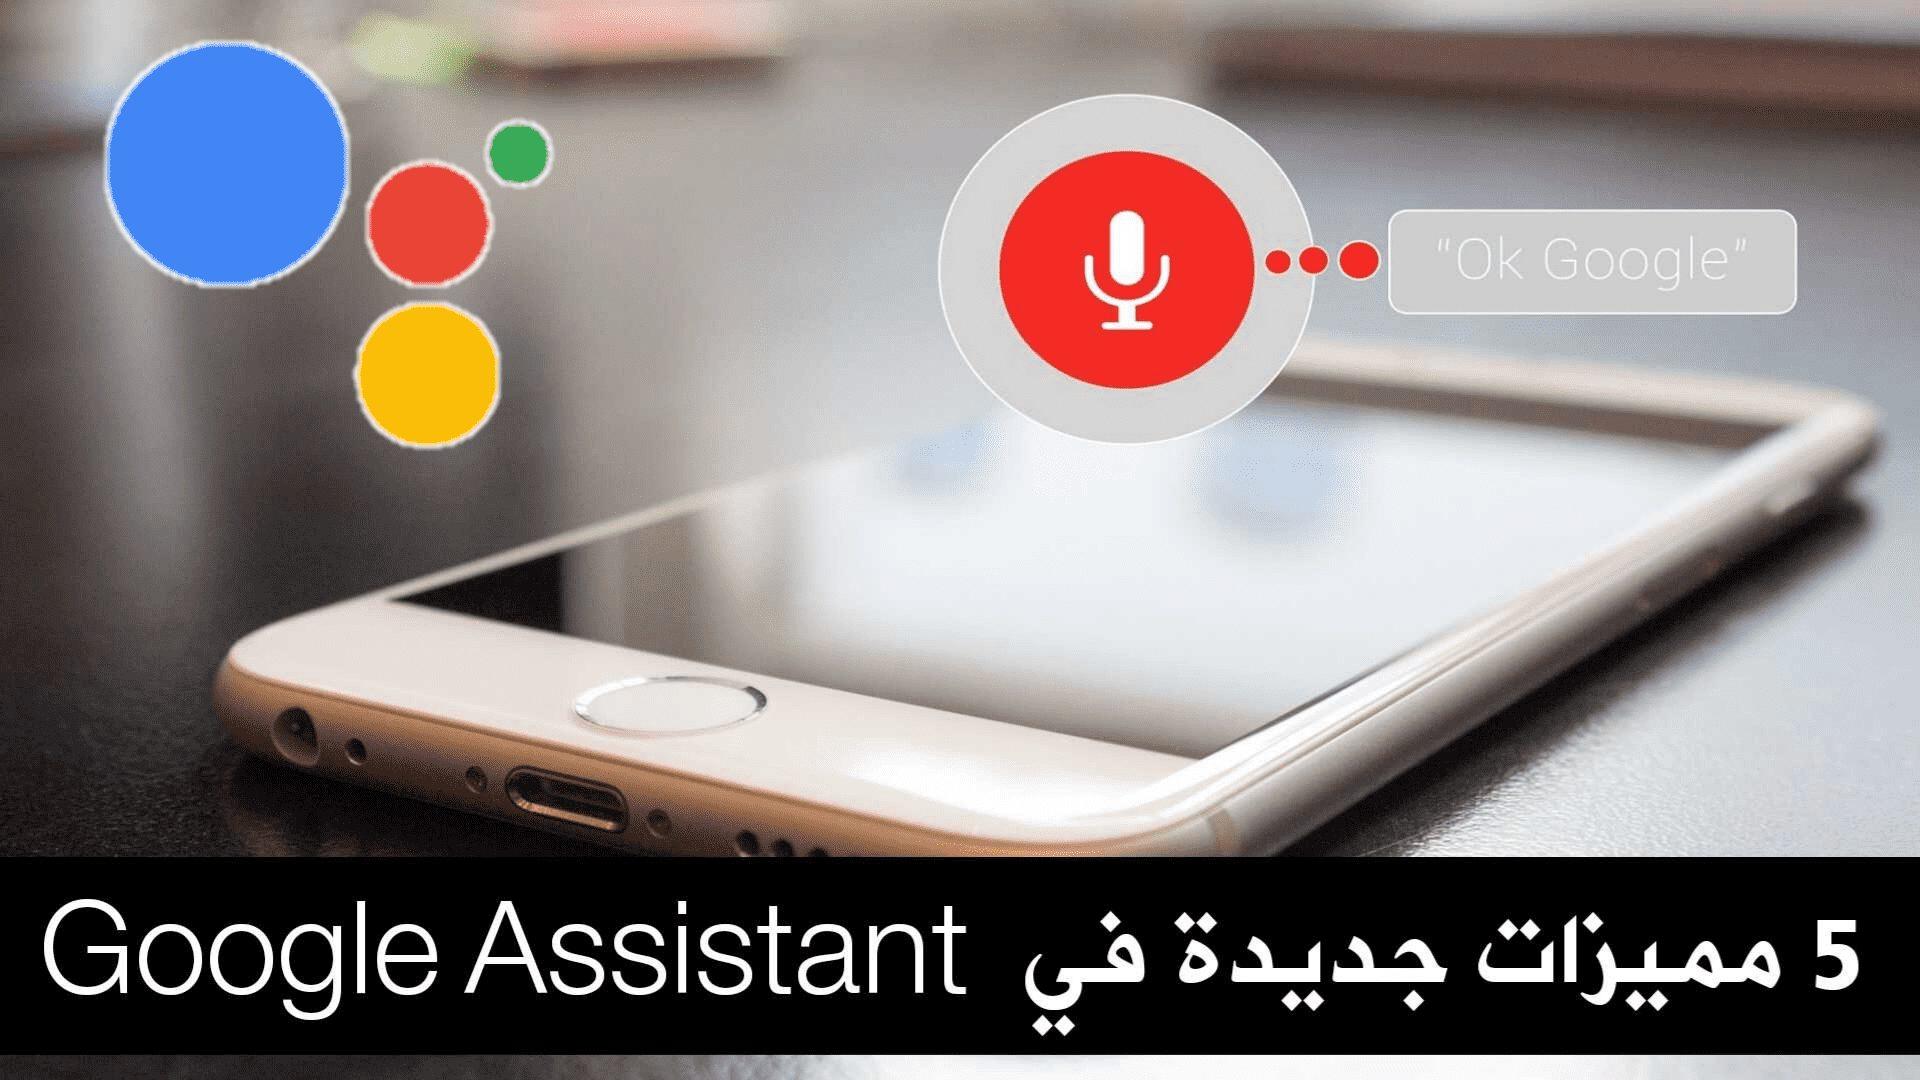 5 مميزات جديدة Google Assistant تجعل يومك أكثر سهولة